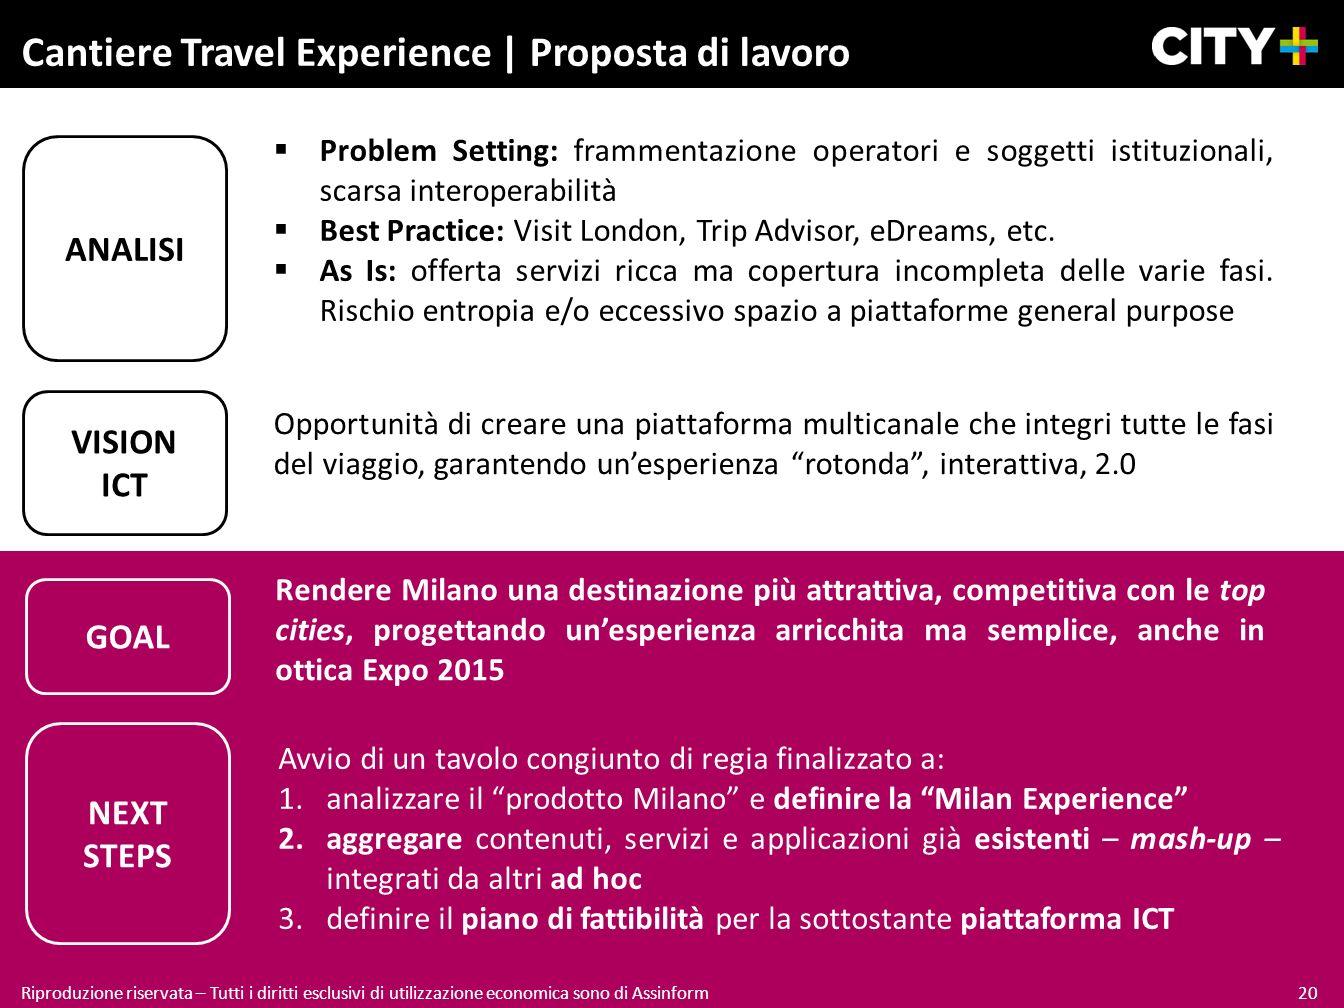 20 Riproduzione riservata – Tutti i diritti esclusivi di utilizzazione economica sono di Assinform Cantiere Travel Experience | Proposta di lavoro VIS